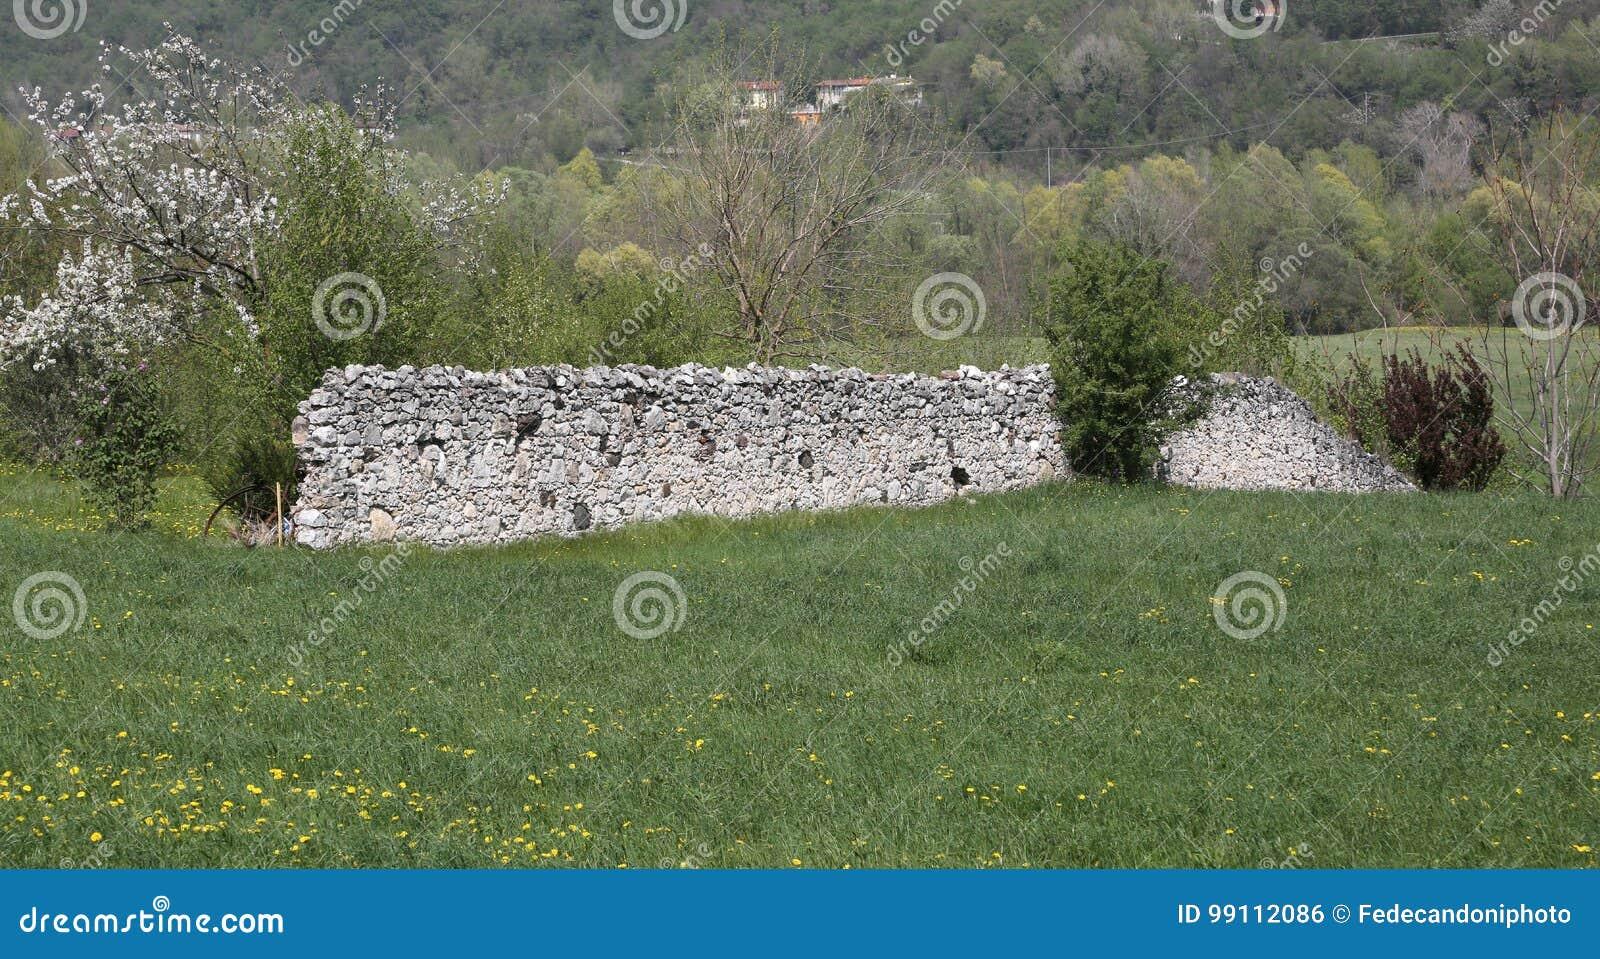 Muro Fatto In Pietra muro a secco fatto delle pietre in mezzo al prato fotografia